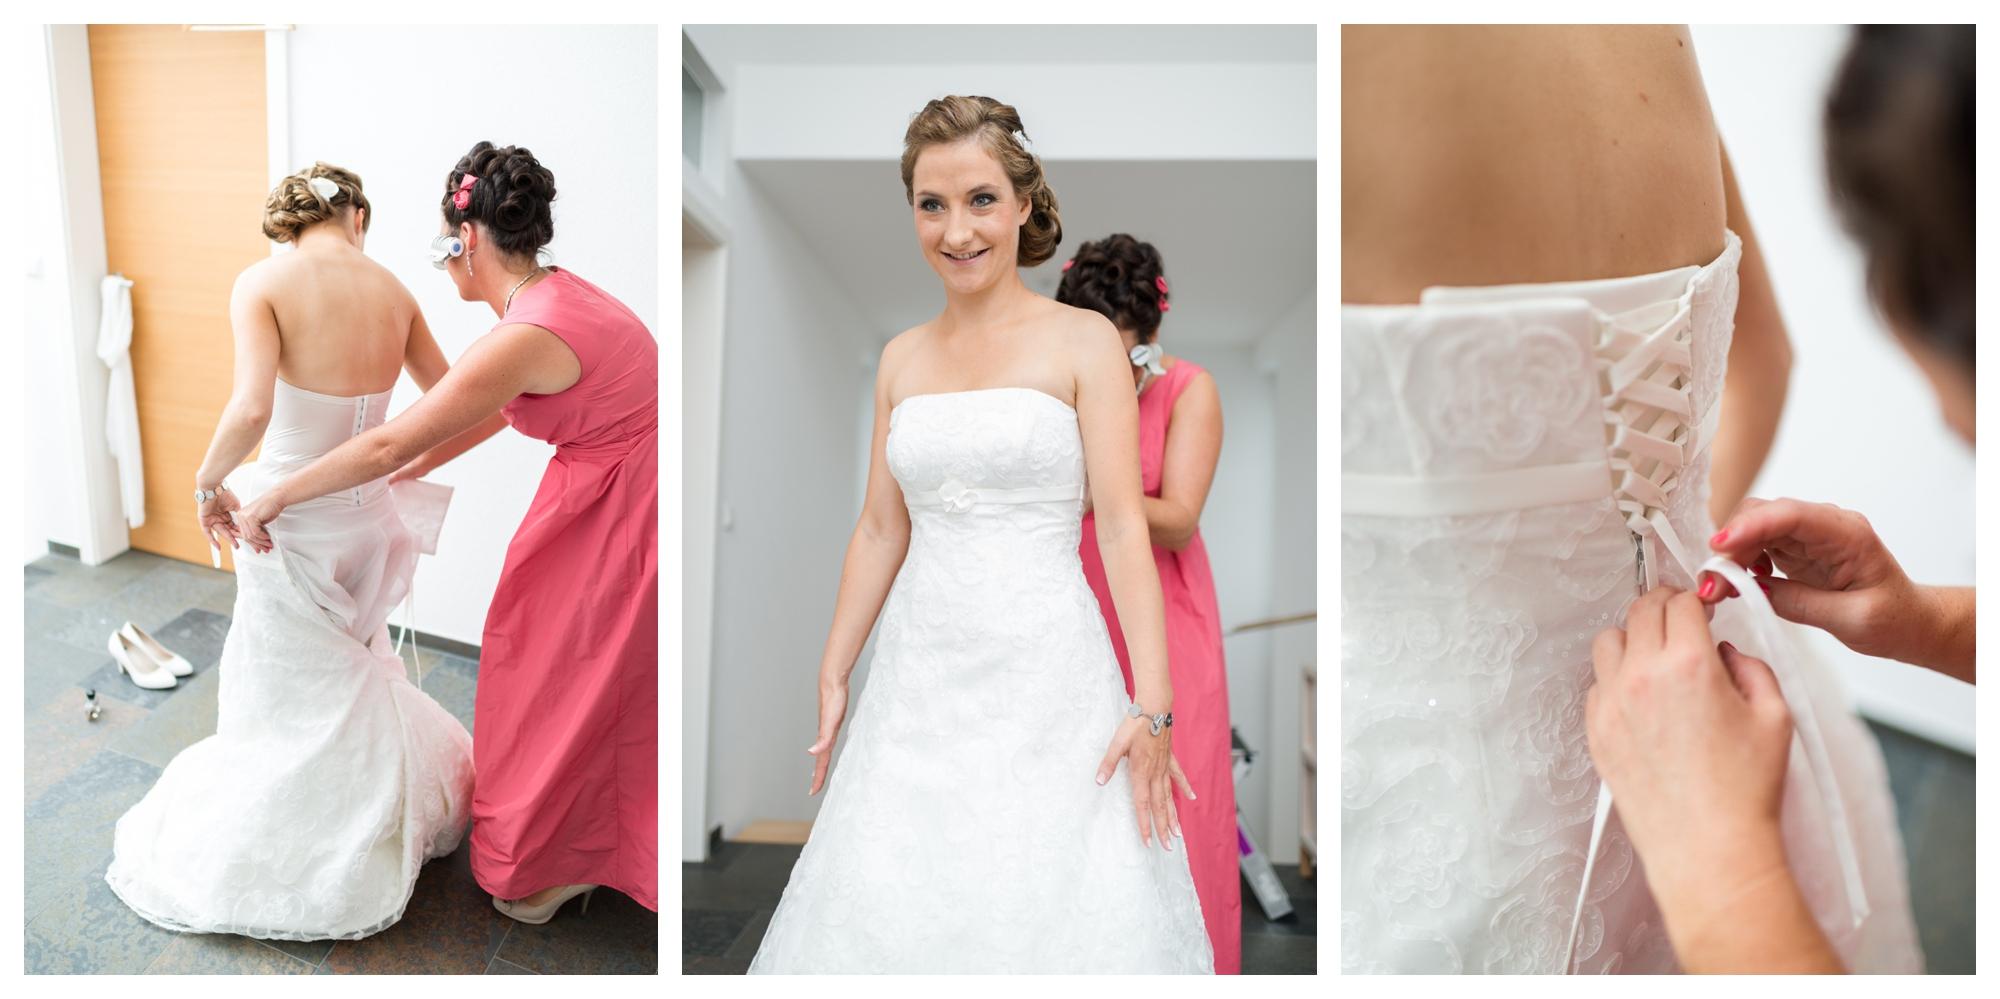 Fotograf Konstanz - Als Hochzeitsfotograf in Bad Dürrheim unterwegs  - 4 -